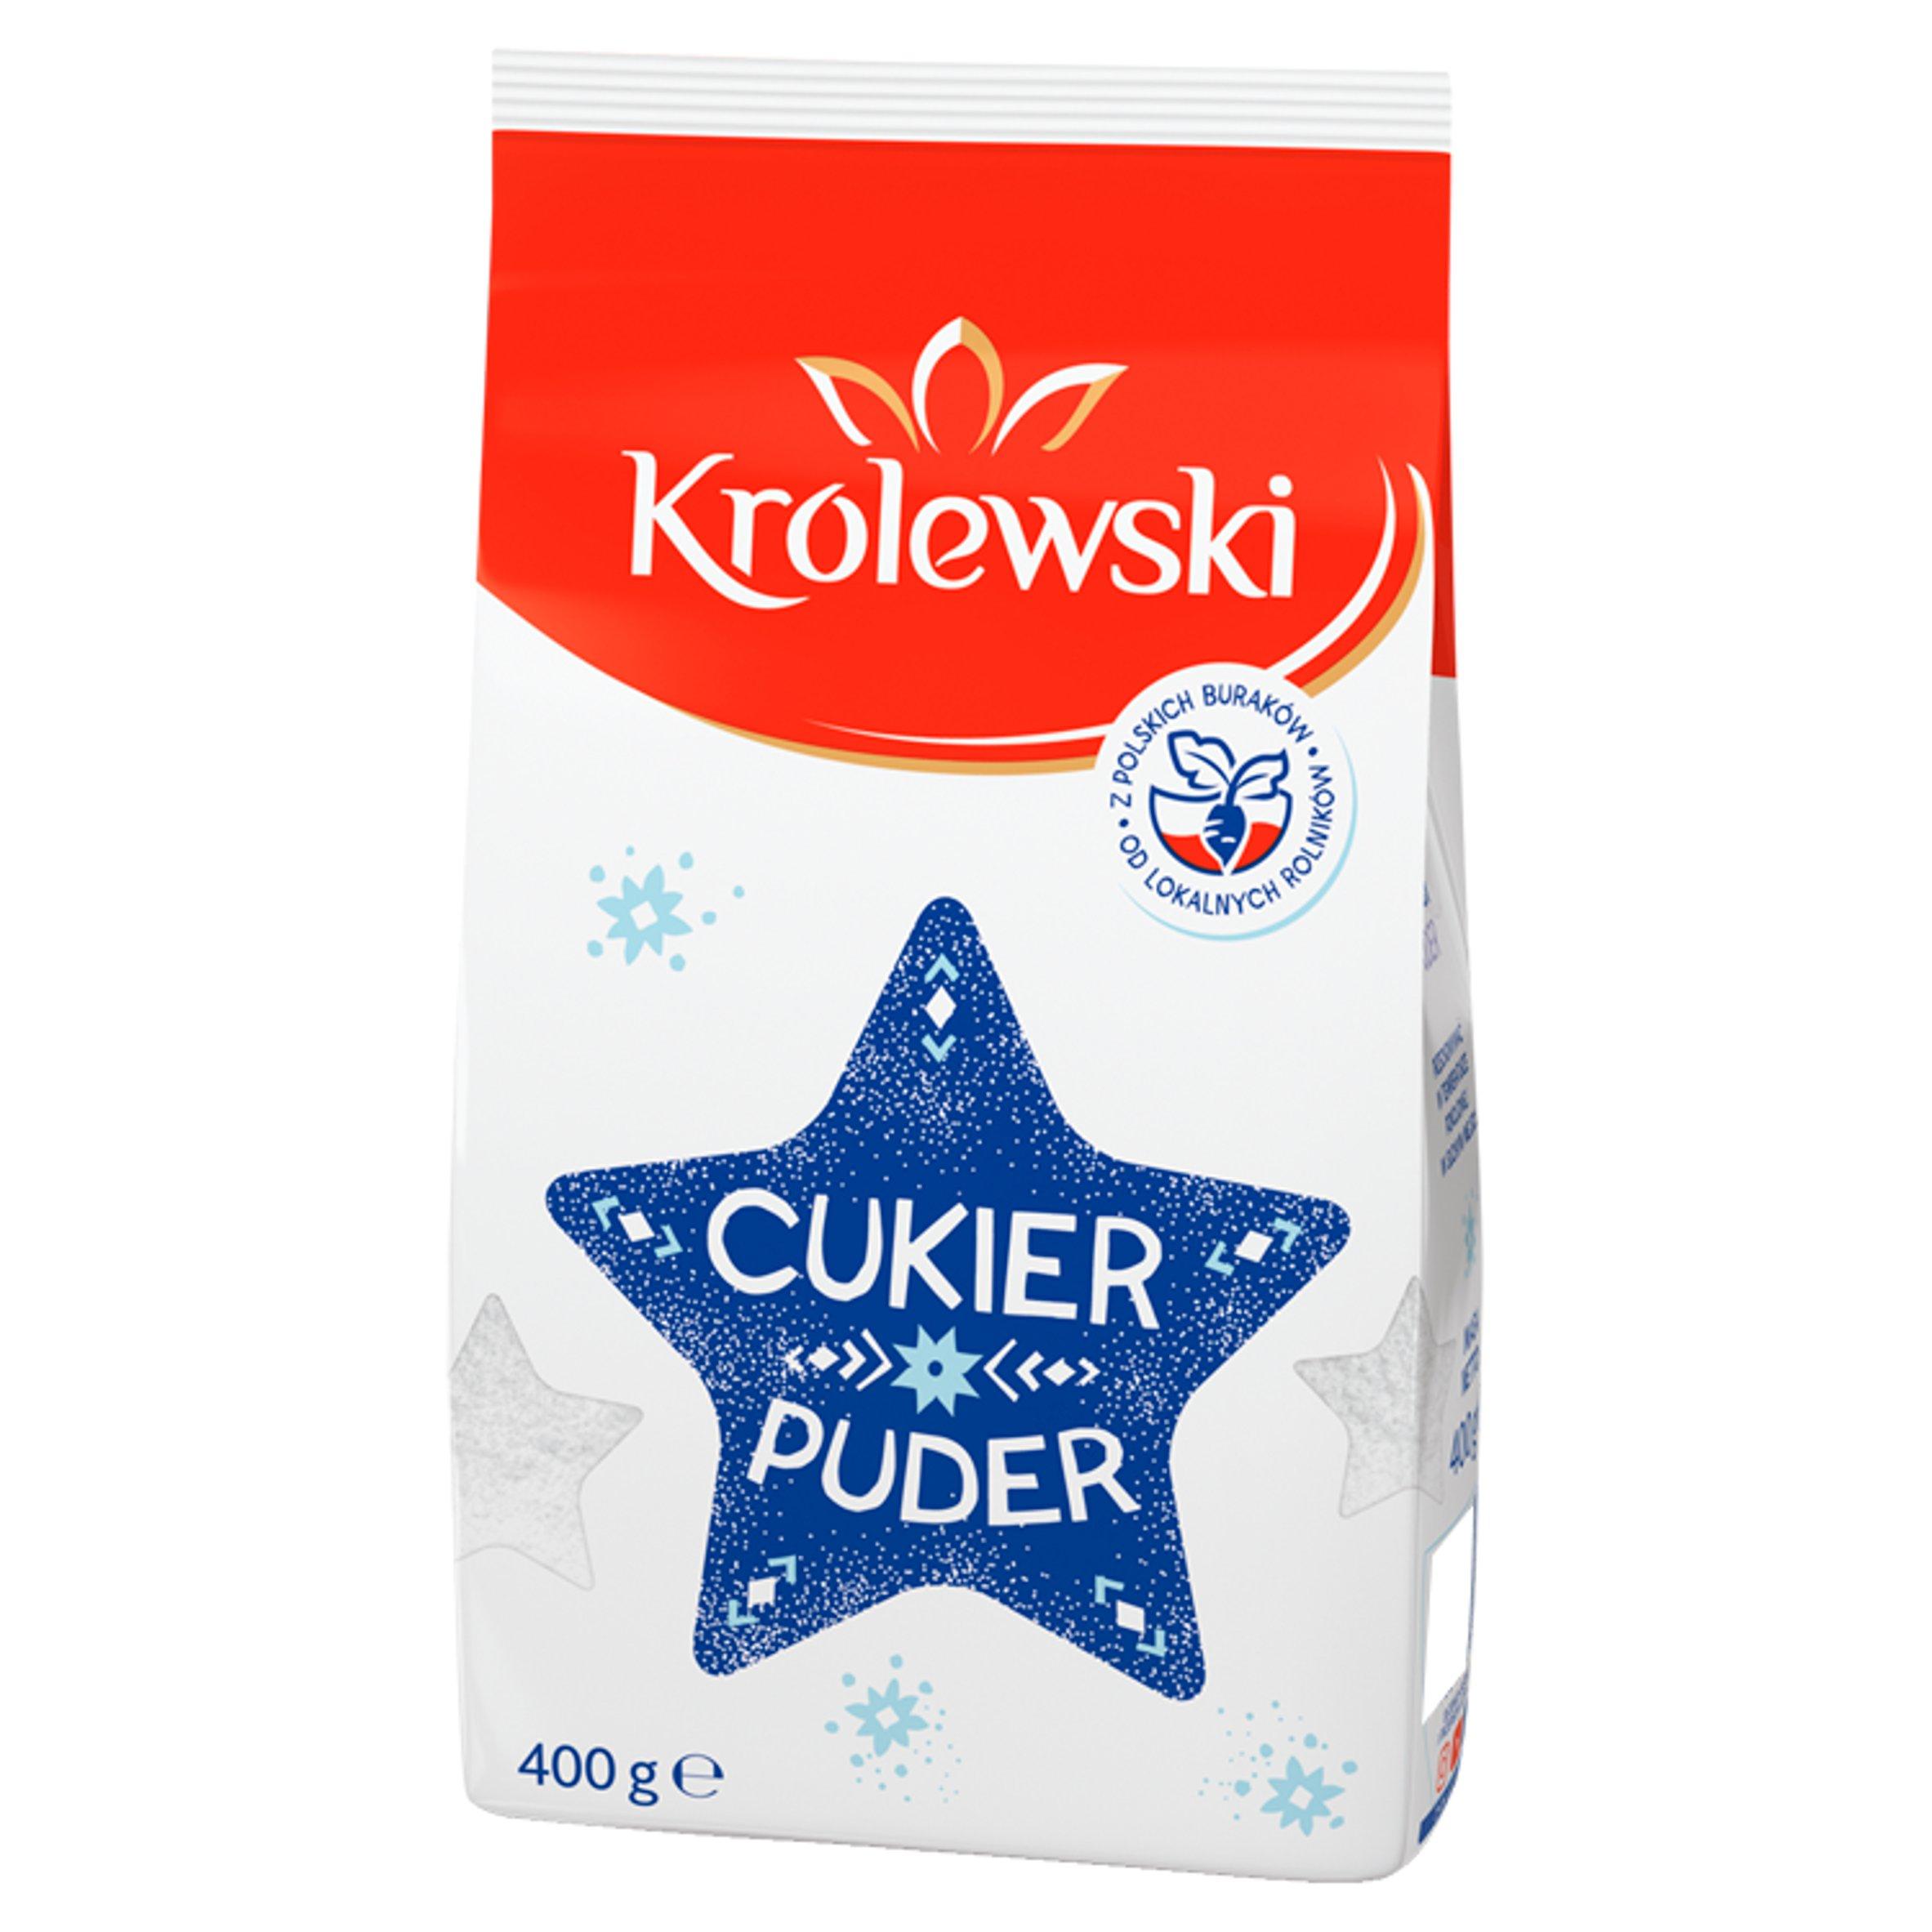 Cukier Królewski Cukier puder 400g (2)